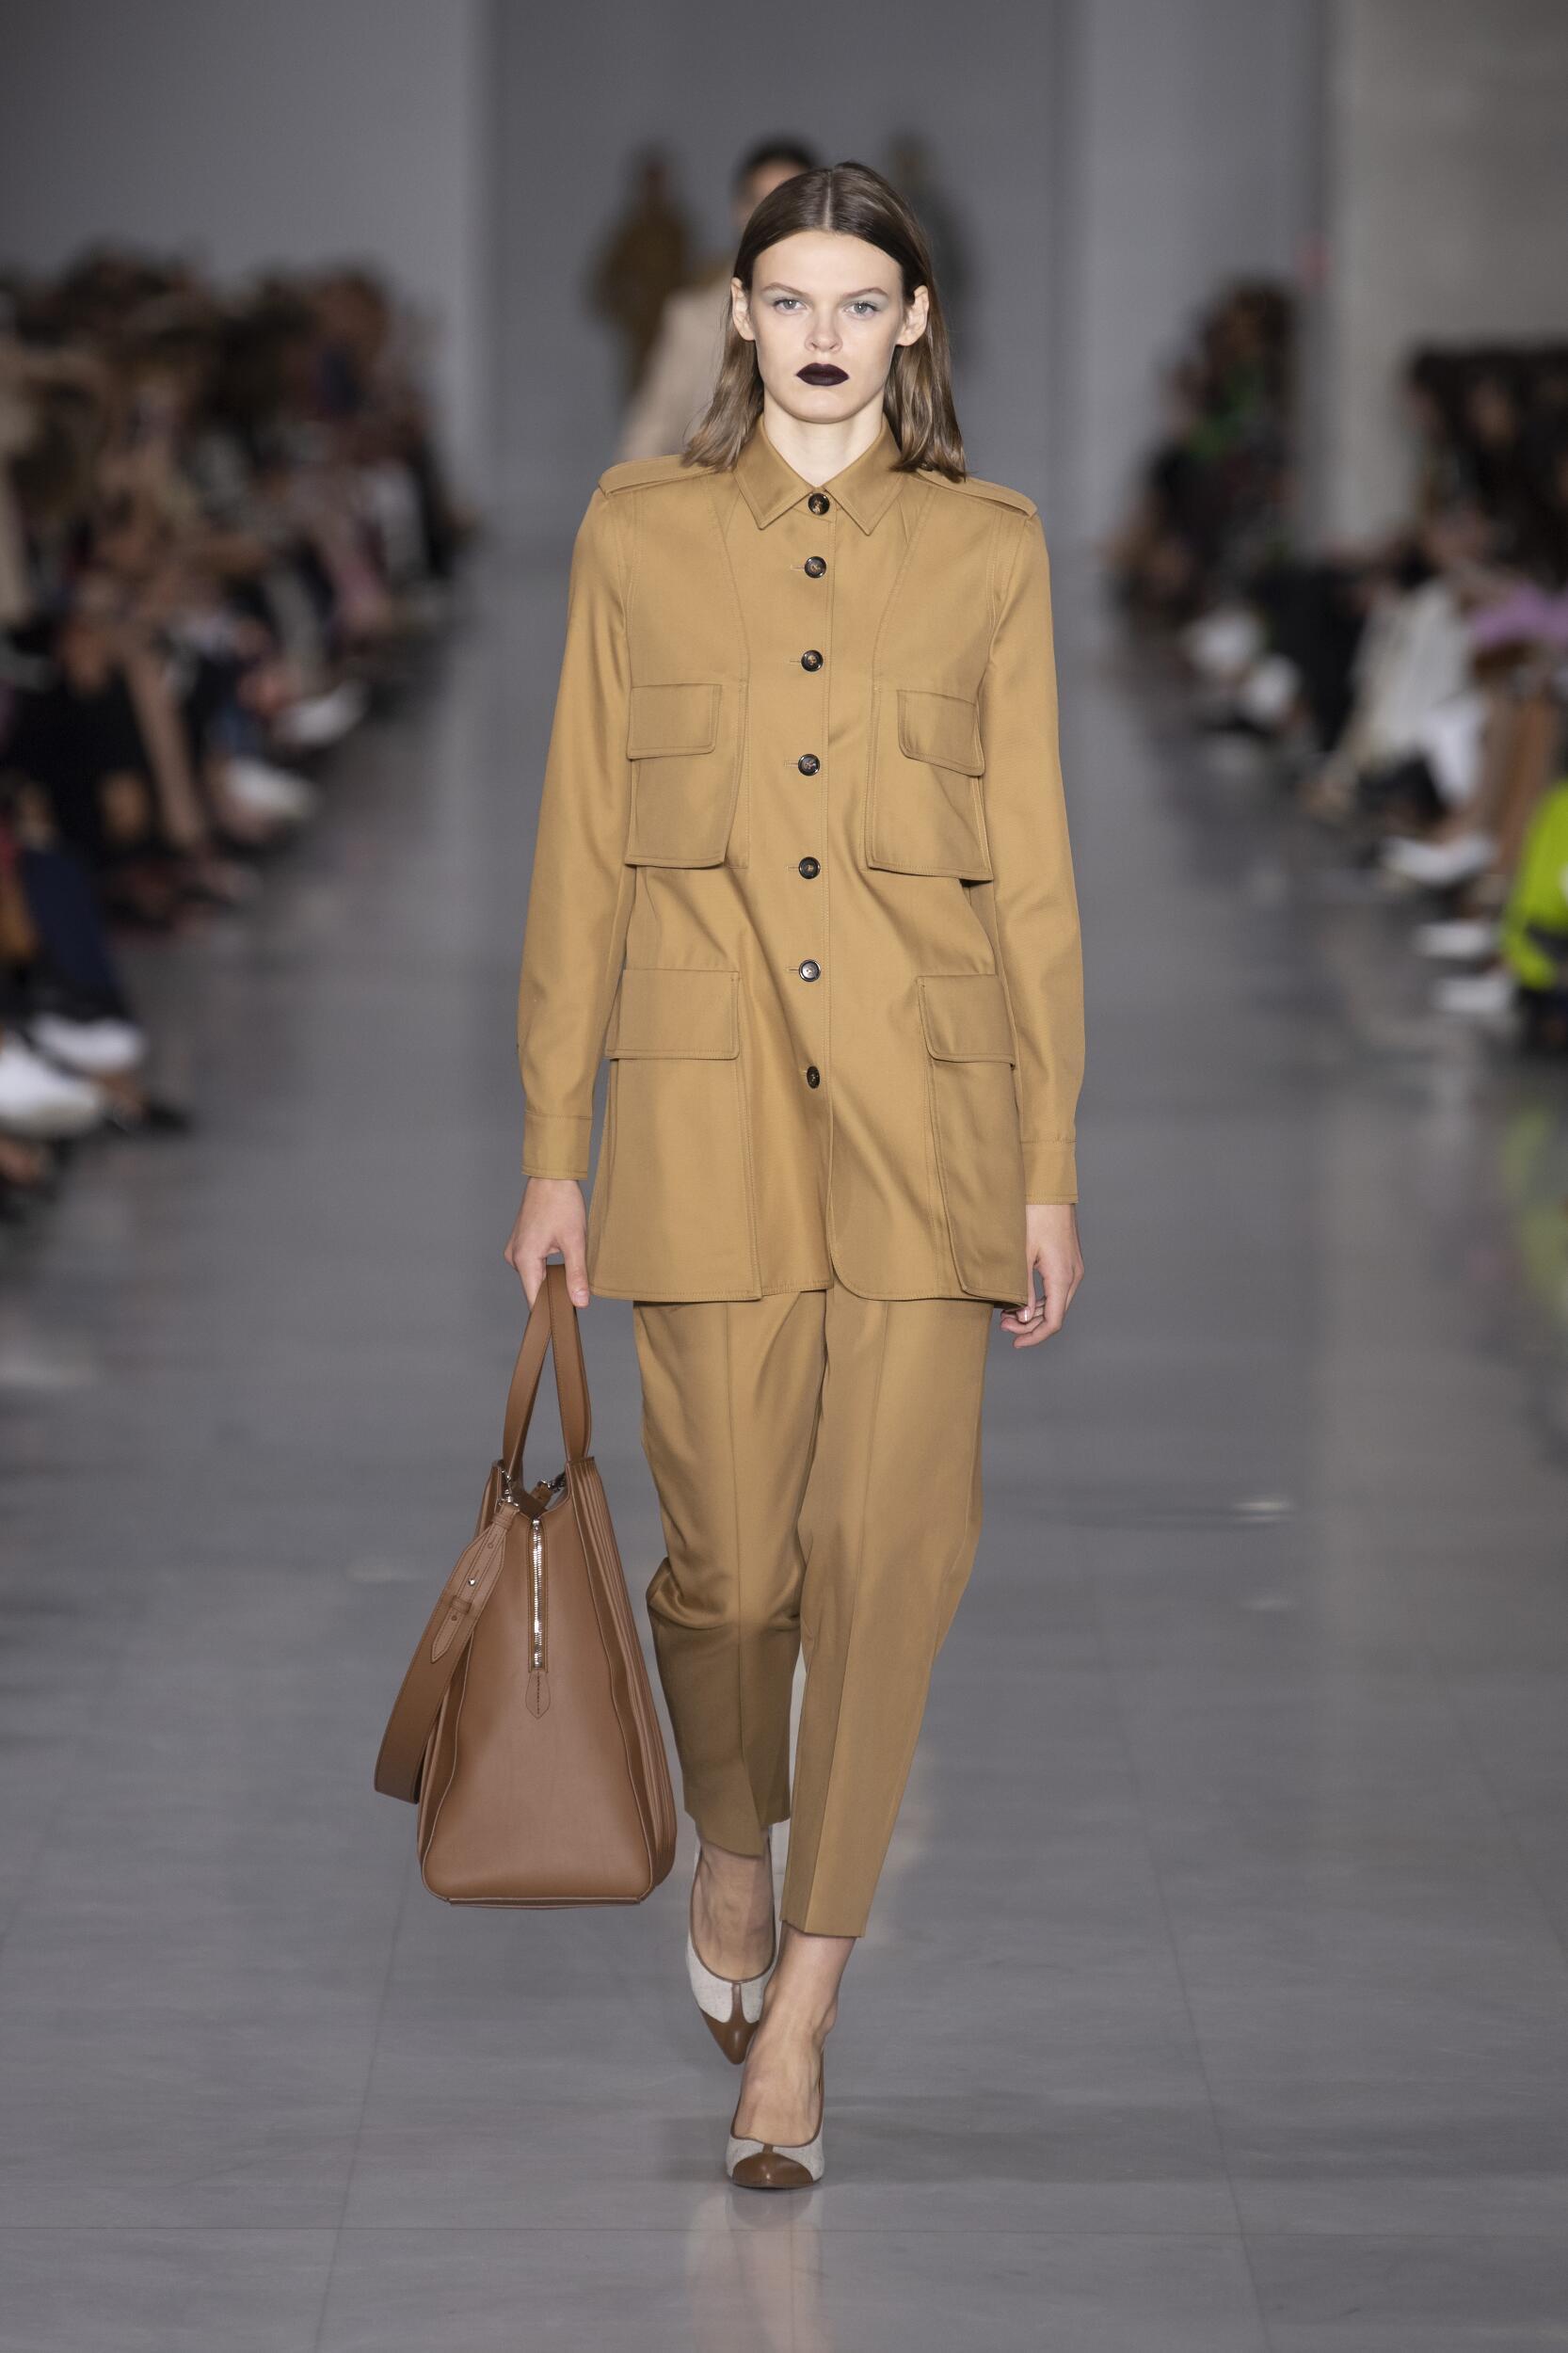 Max Mara SS 2020 Womenswear